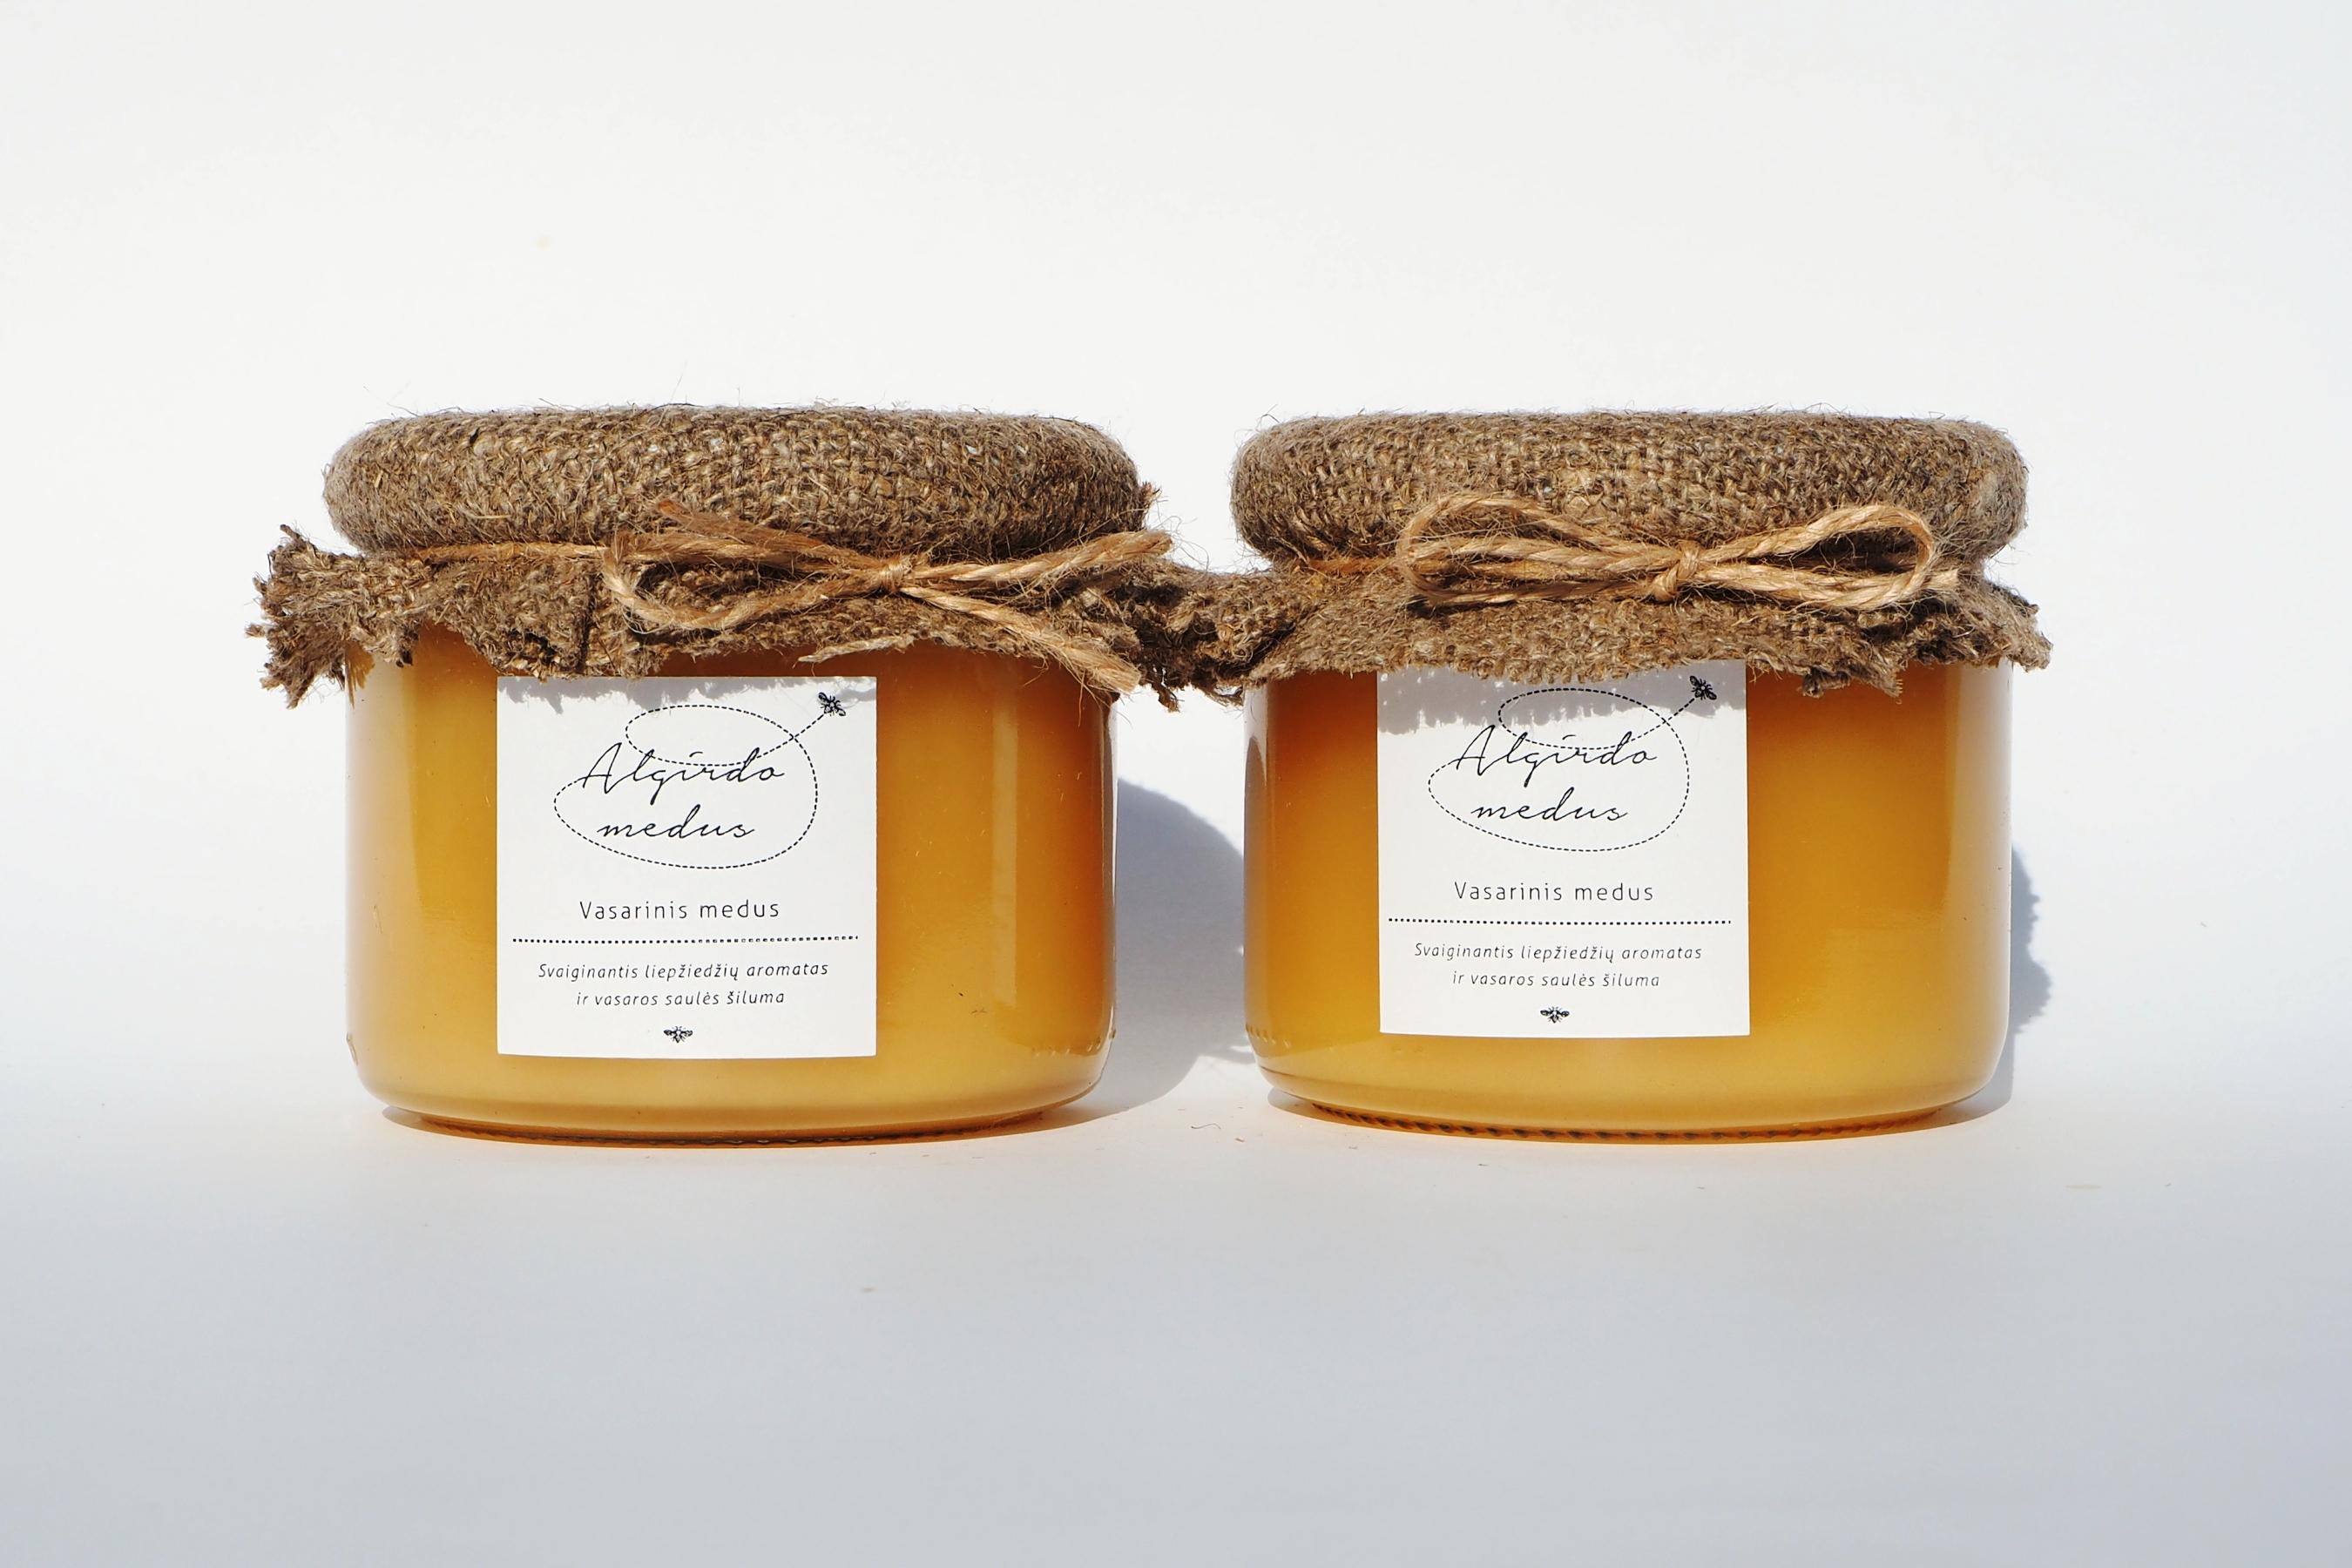 Vasarinis (liepų) medus stiklainėlyje. Grynasis kiekis – 400 g.